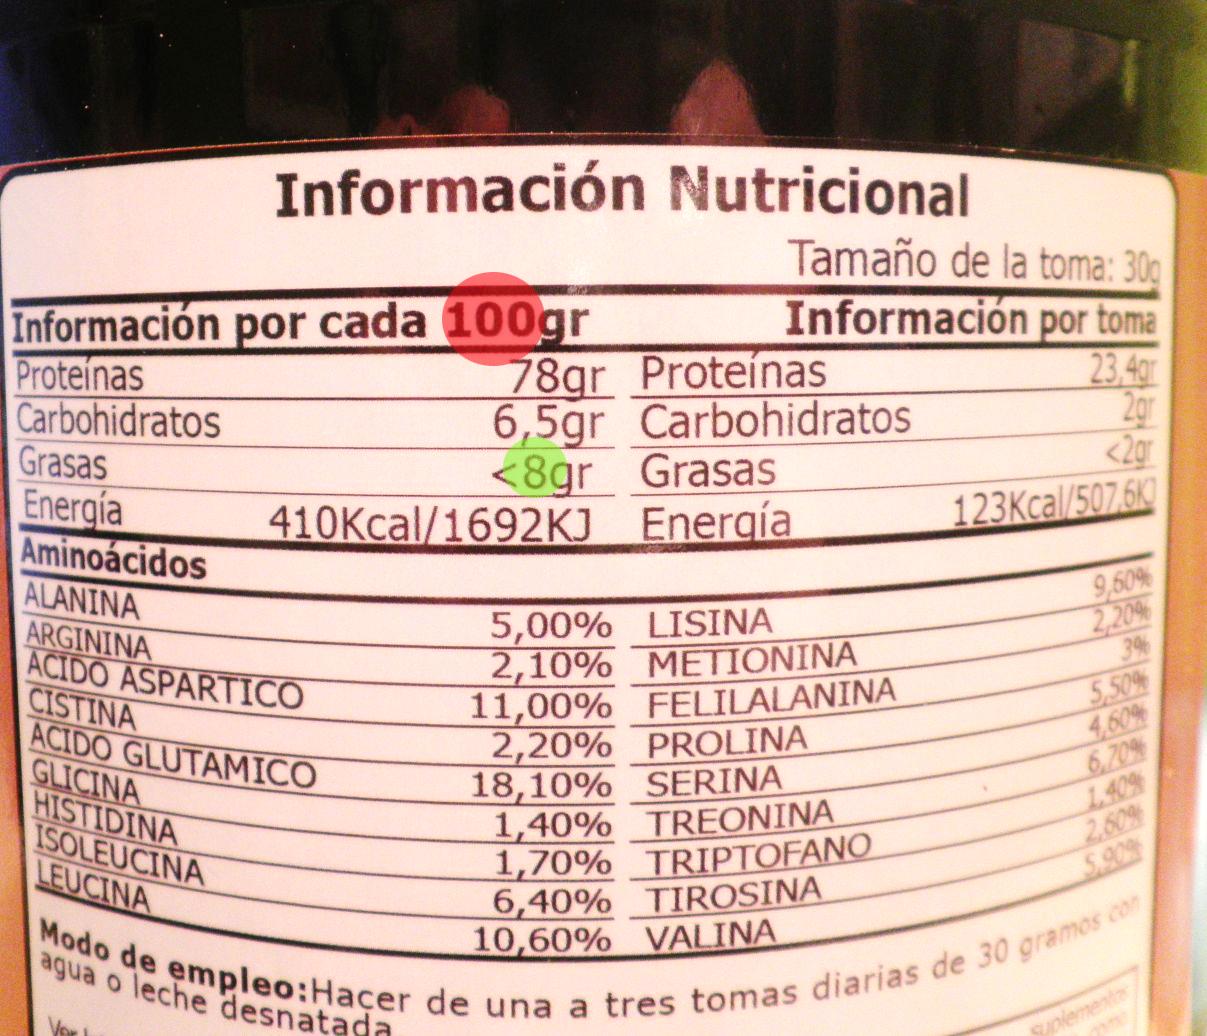 mira la información nutricional